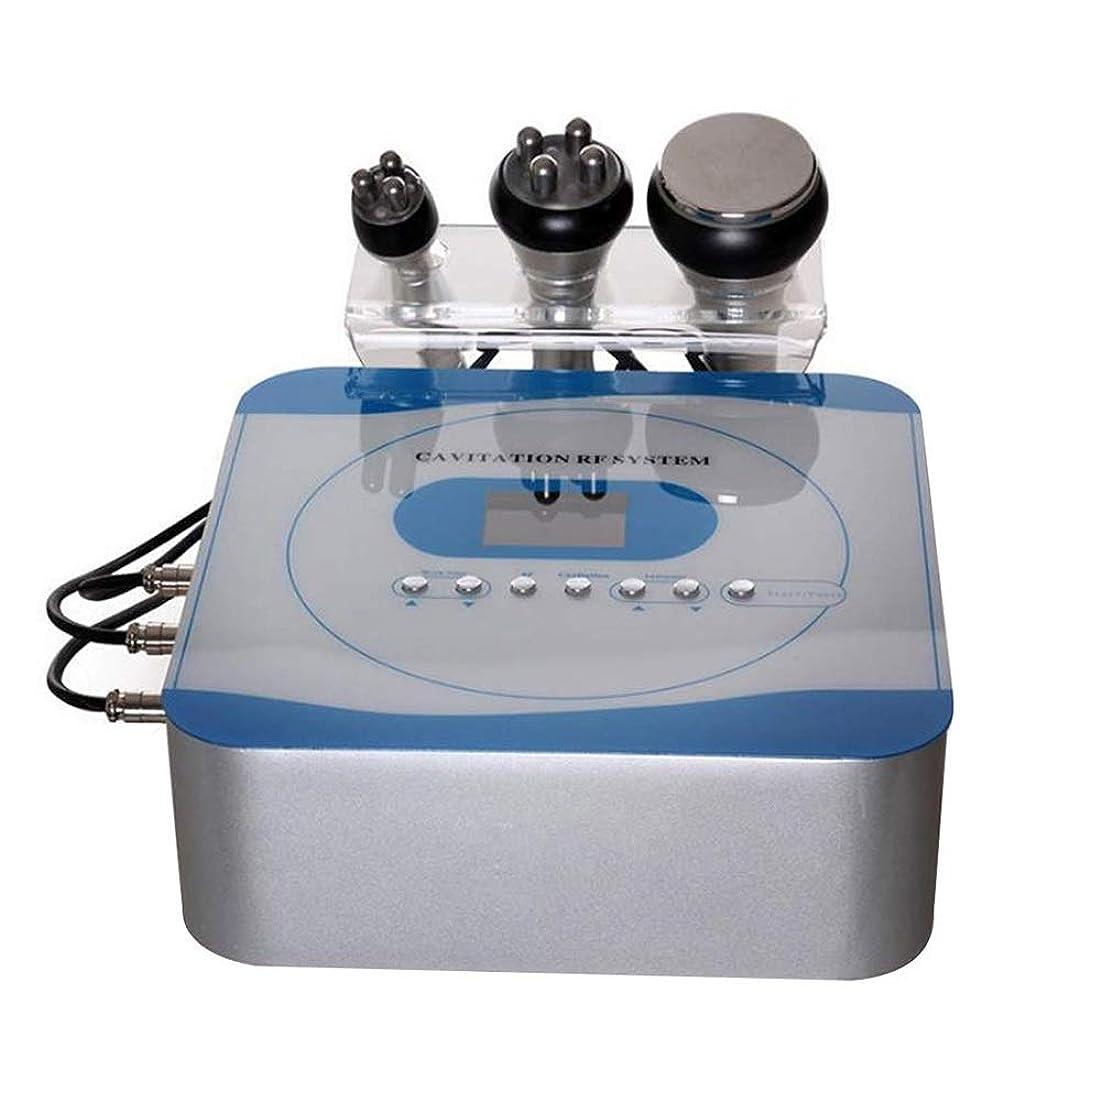 錆びウェーハうがい1つのRFの美顔術機械、美装置を細くするボディ、40K RFの脂肪を取り除くボディシェイパーの減量のスキンケア3減量のセルライトのマッサージャーのキャビテーションの超音波無線周波数